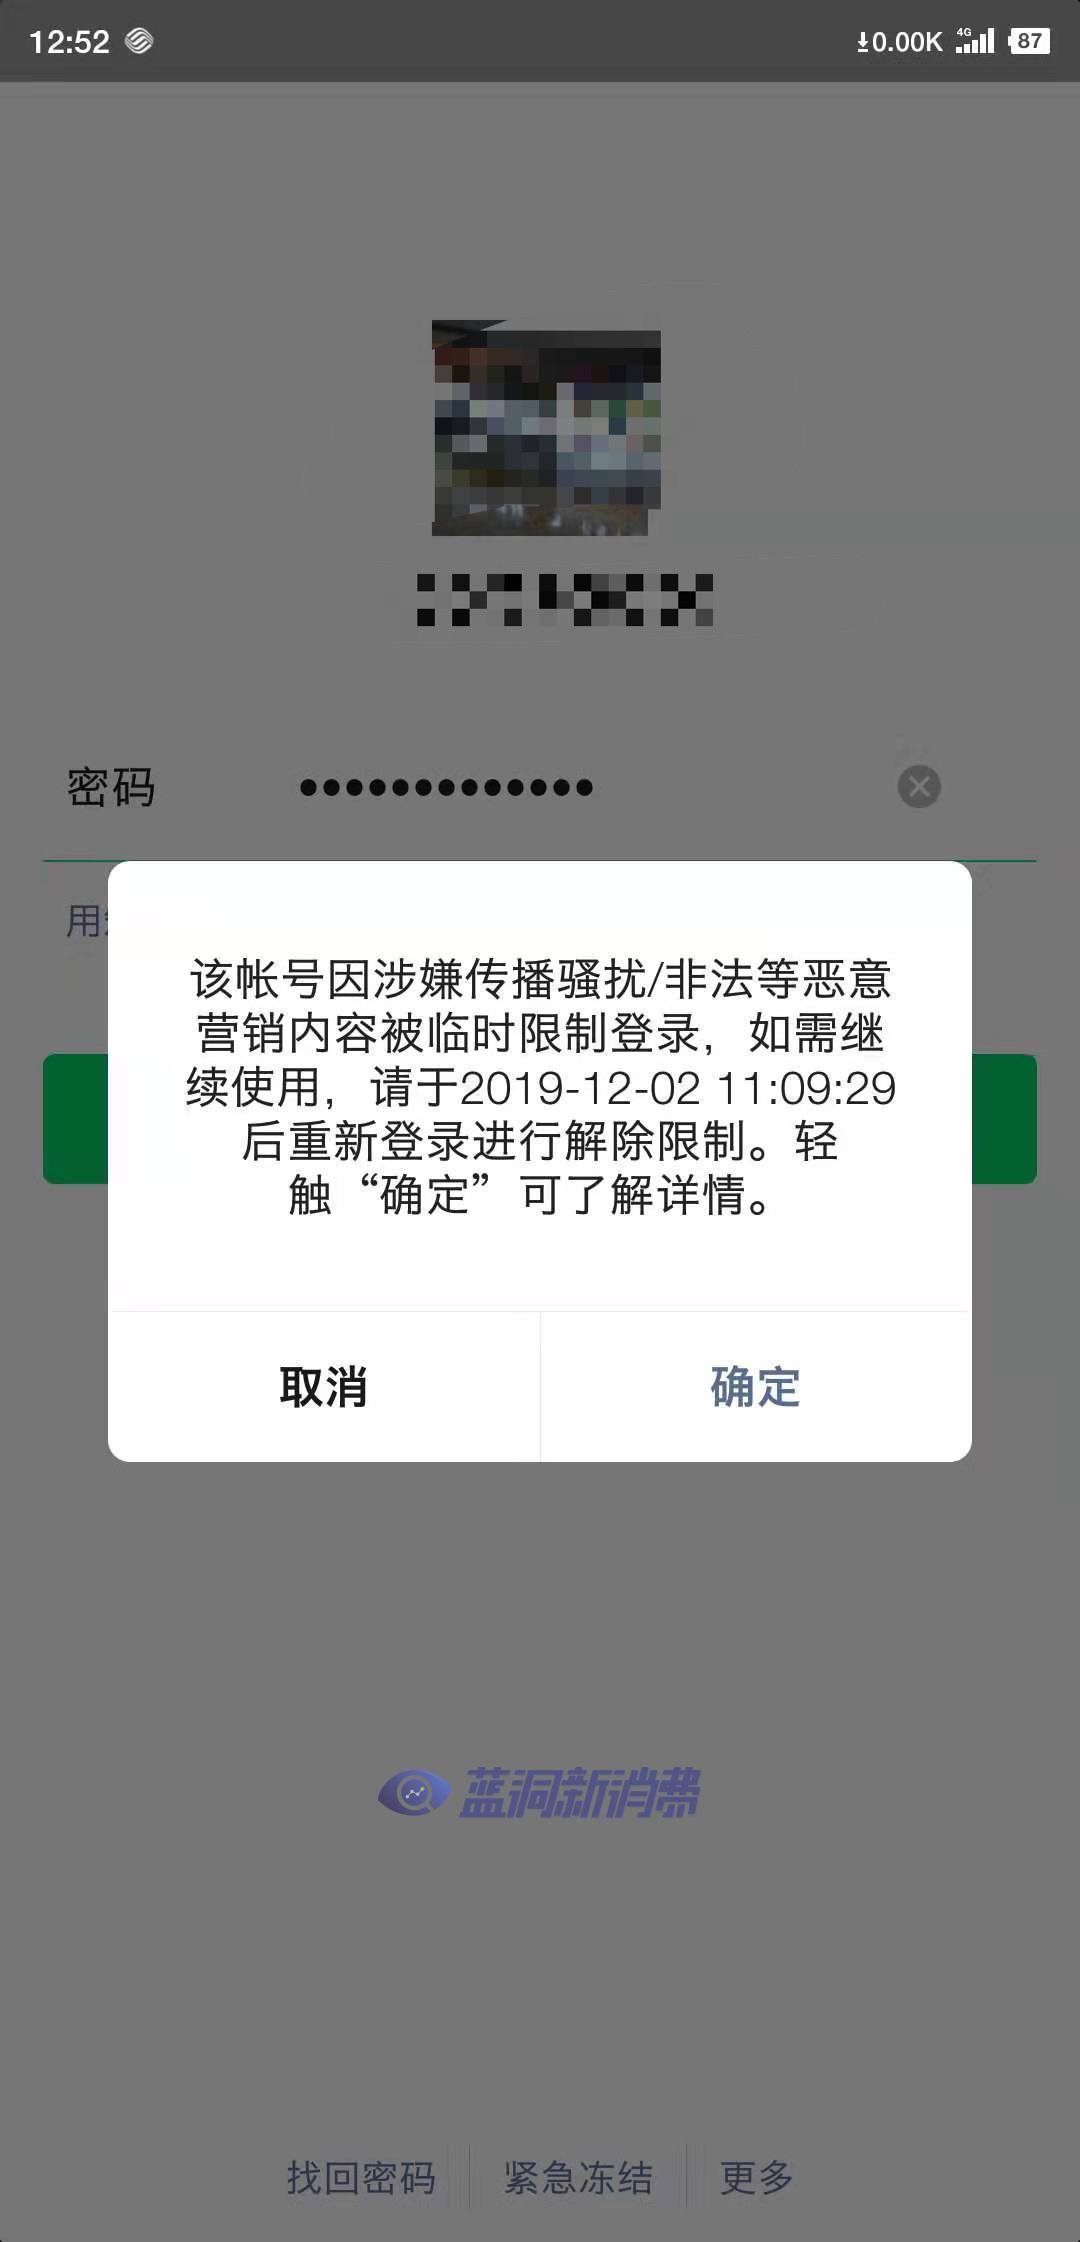 注意:微信商家支付平台不允许接入电子烟业务,部分电子烟微信个人号被封